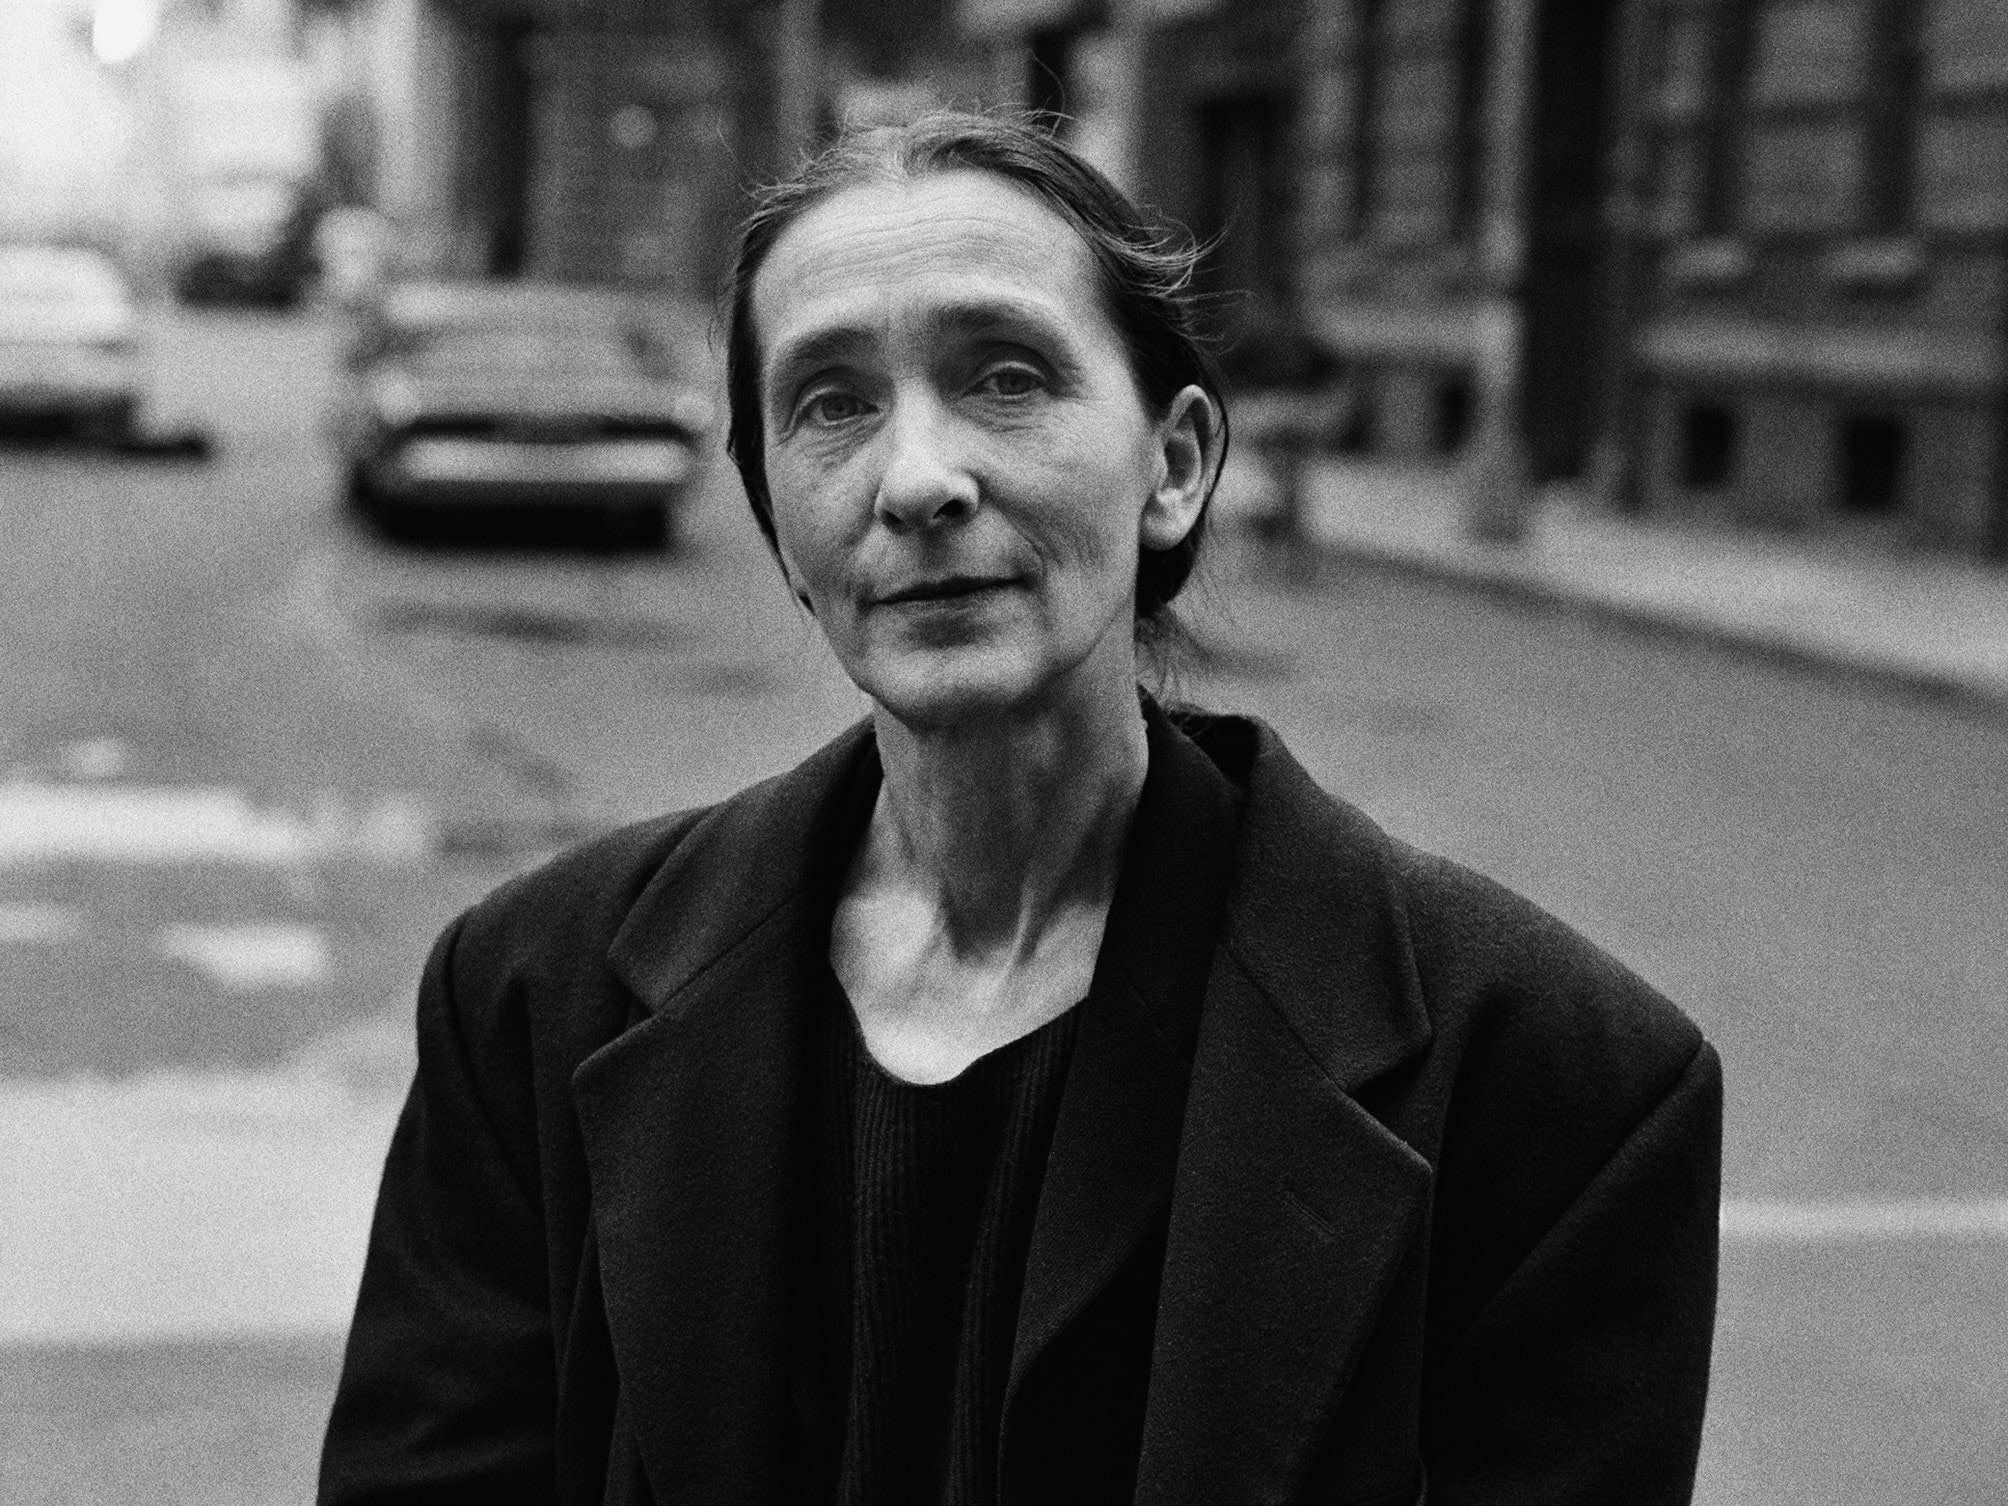 L'eredità di Pina Bausch, stella della danza contemporanea